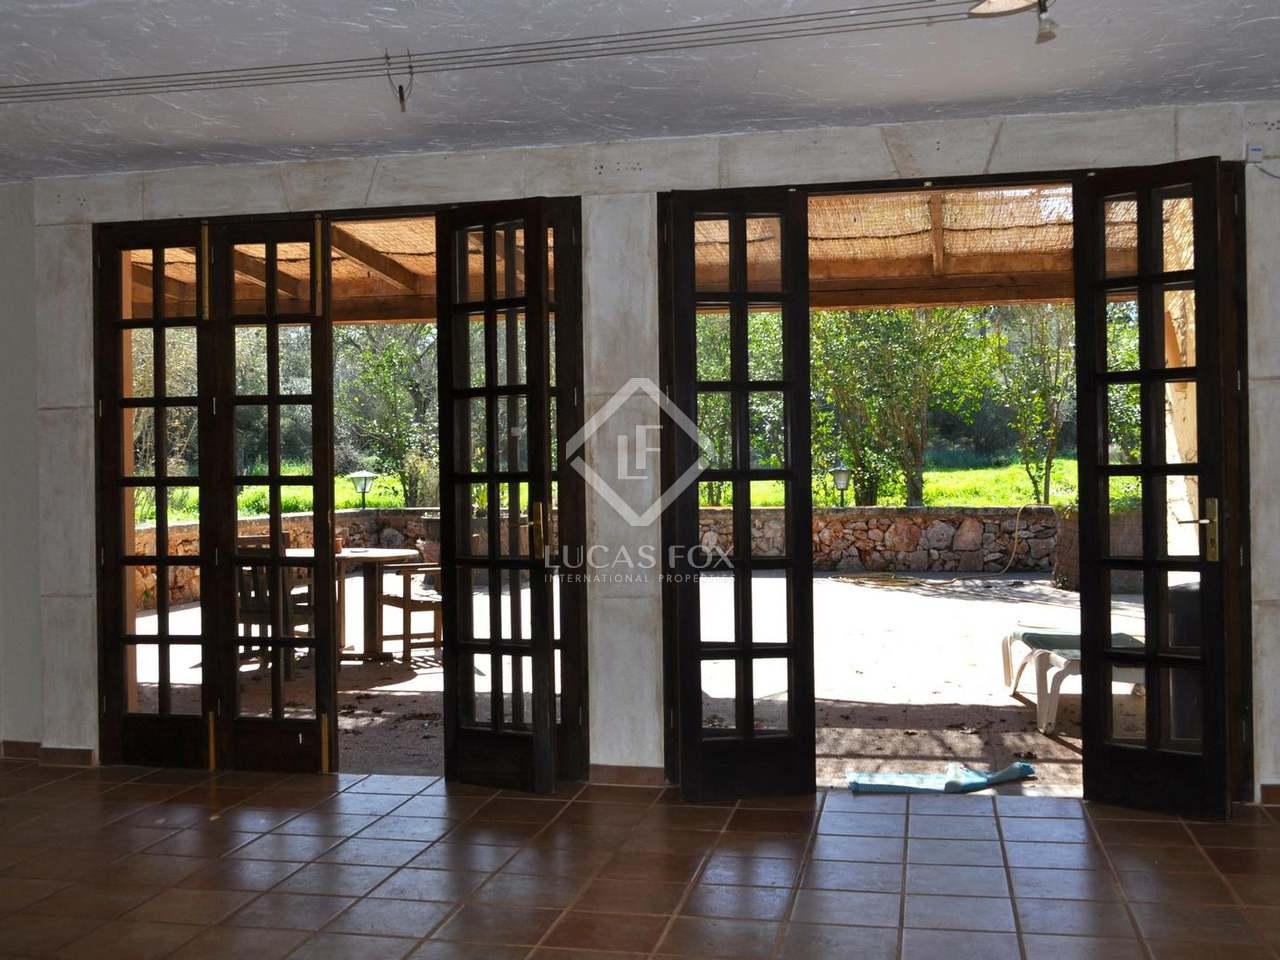 Casa rural de 9 dormitorios en venta en el centro de mallorca - Casa diez dormitorios ...